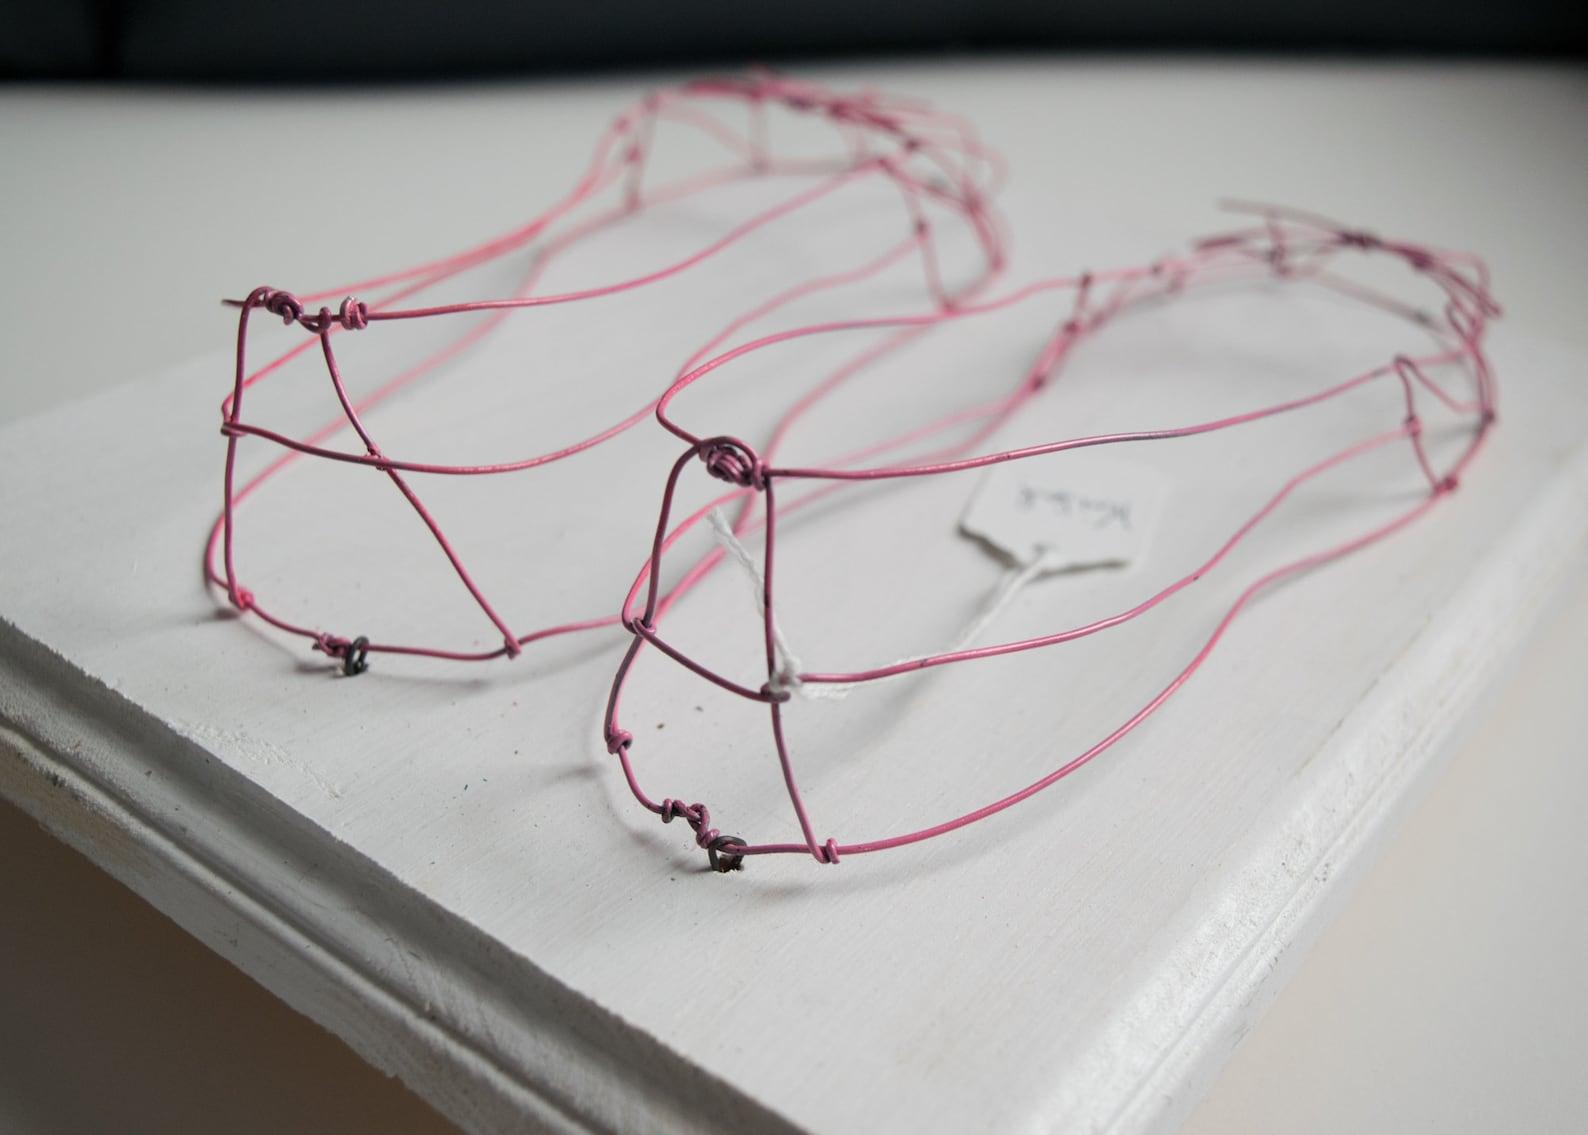 ballet flats | ballerina | wire art | home decor | sculpture